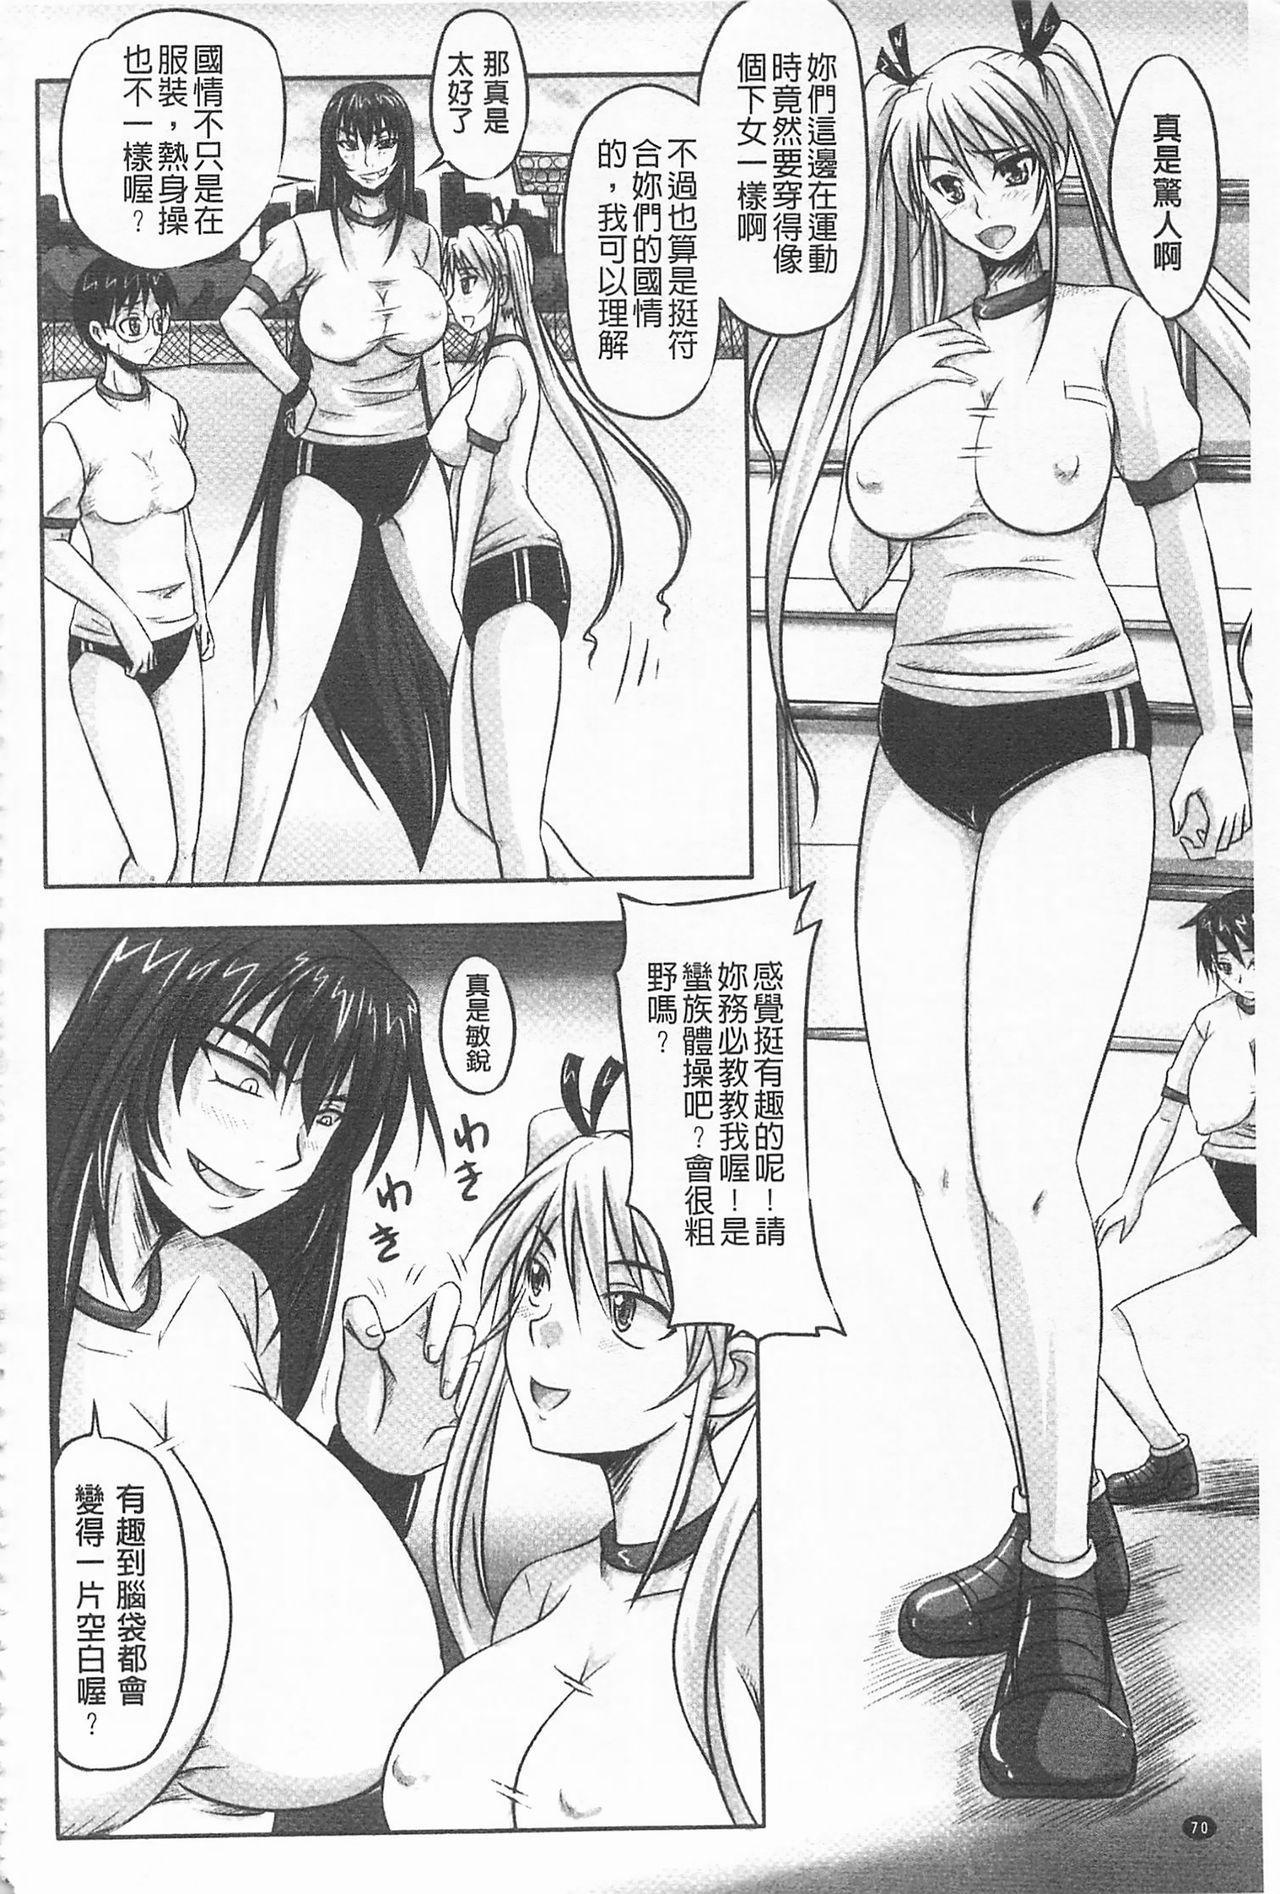 [Nozarashi Satoru] Do S na Hime wa Kegasareru -Inga no Shou- | 超S的公主被玷汙了 ~因果之章~ [Chinese] 72